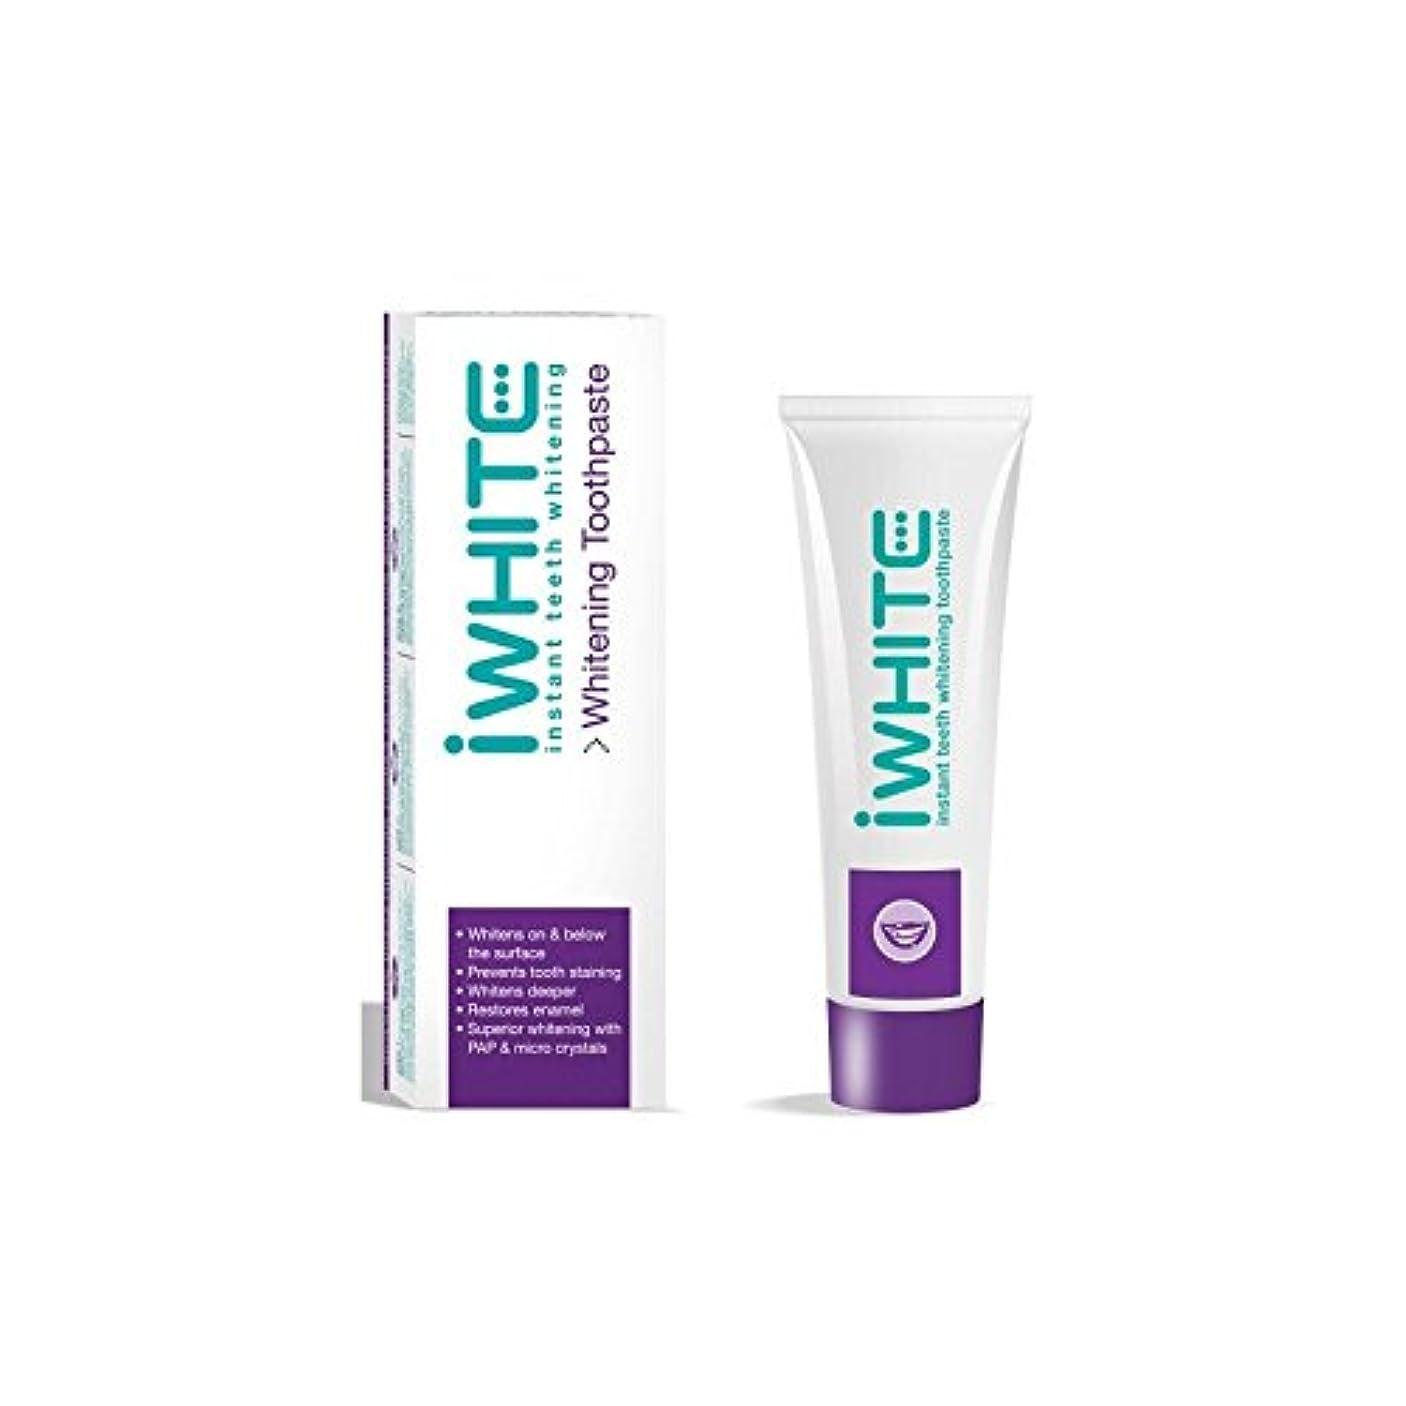 タイヤオリエントデンプシー歯磨き粉を白くインスタント歯(75ミリリットル) x2 - iWhite Instant Teeth Whitening Toothpaste (75ml) (Pack of 2) [並行輸入品]